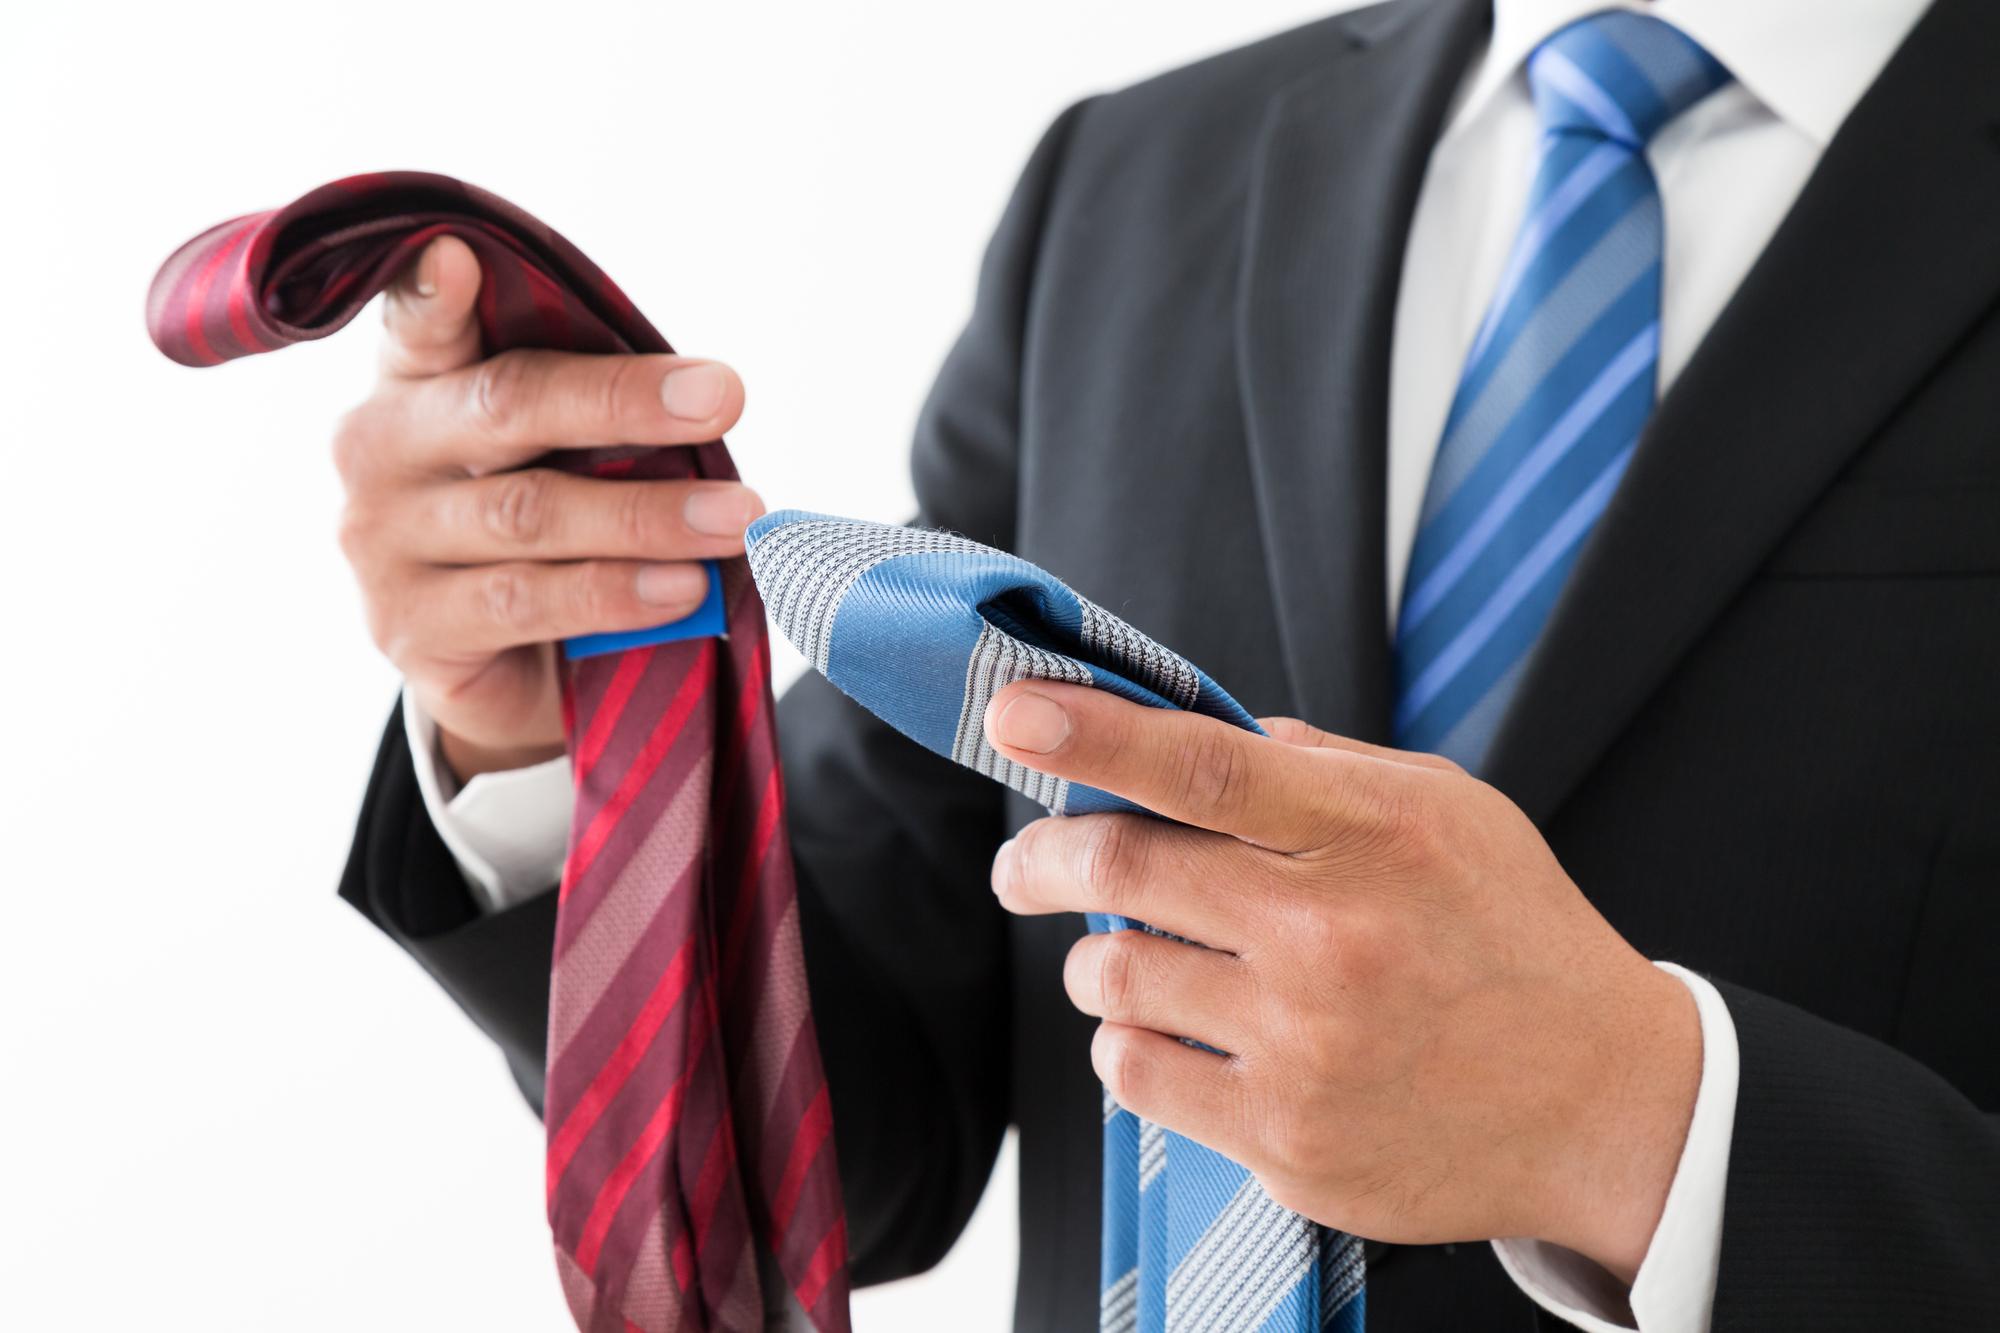 結婚式のネクタイは何色が最適!?マナーや好印象な結び方